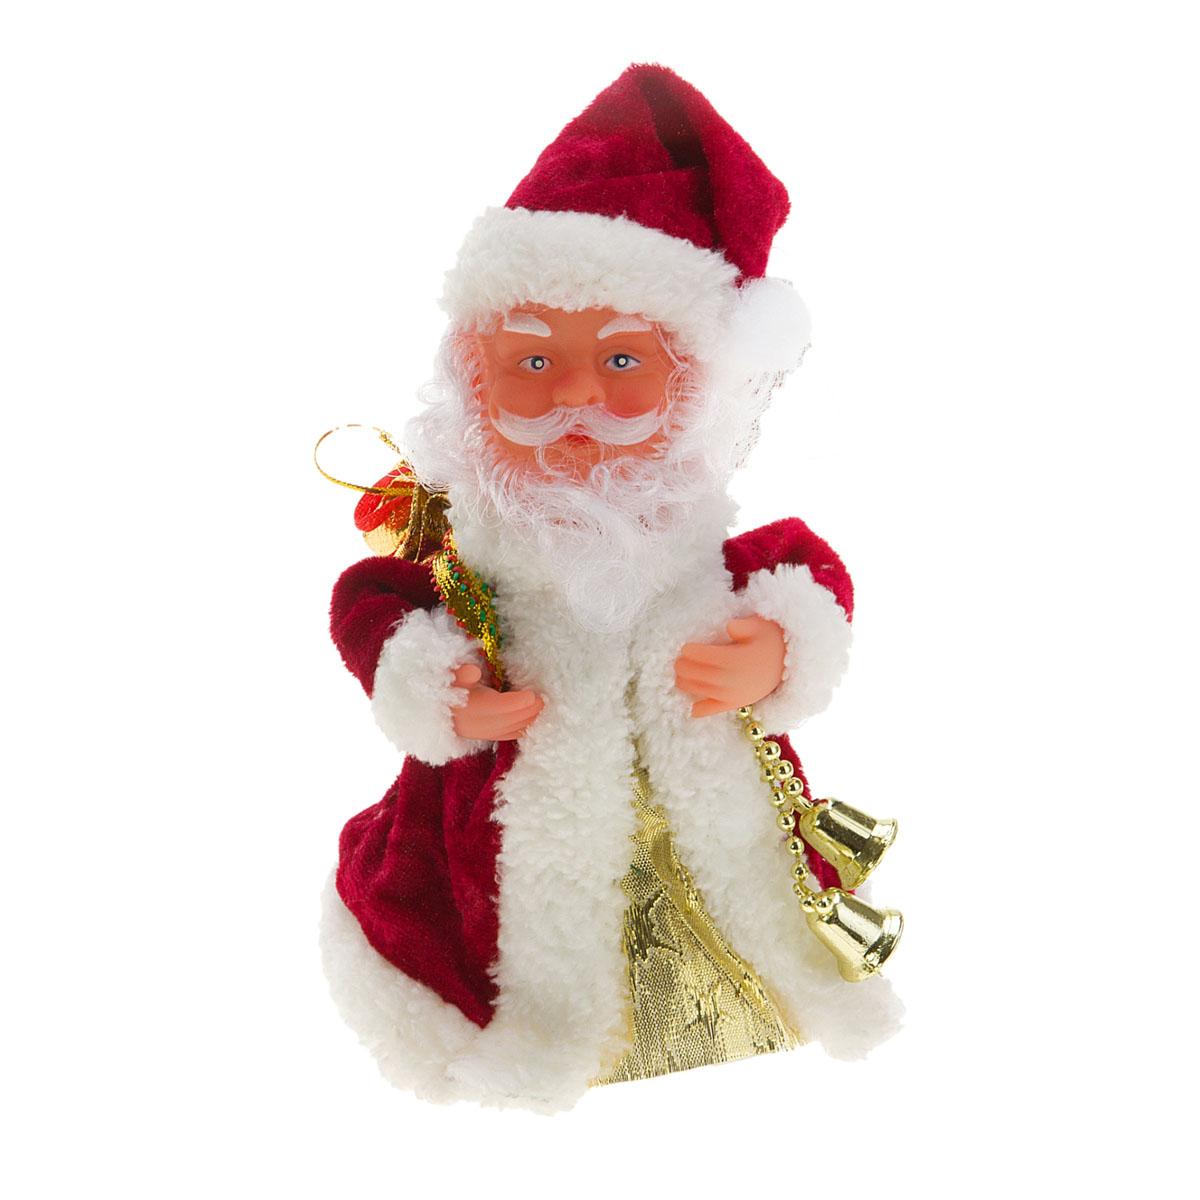 Новогодняя декоративная фигурка Sima-land Дед Мороз, анимированная, высота 18 см. 827790 фигурка декоративная sima land мишка высота 18 см